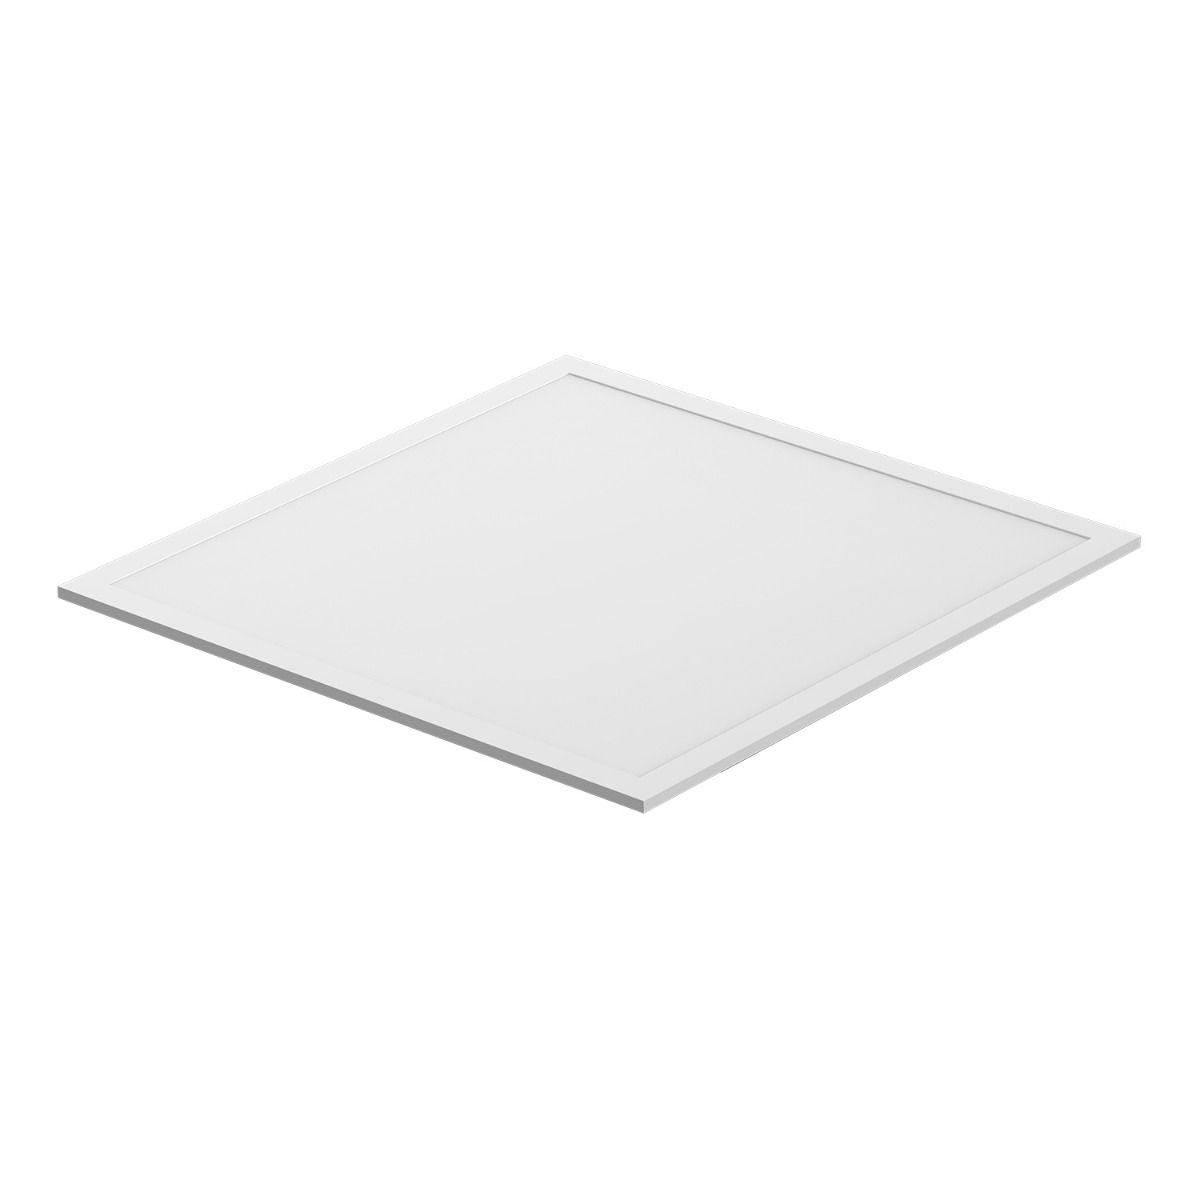 Noxion LED Panel Delta Pro V2.0 30W 60x60cm 4000K 4110lm UGR <19 | Cool White - Replaces 4x18W